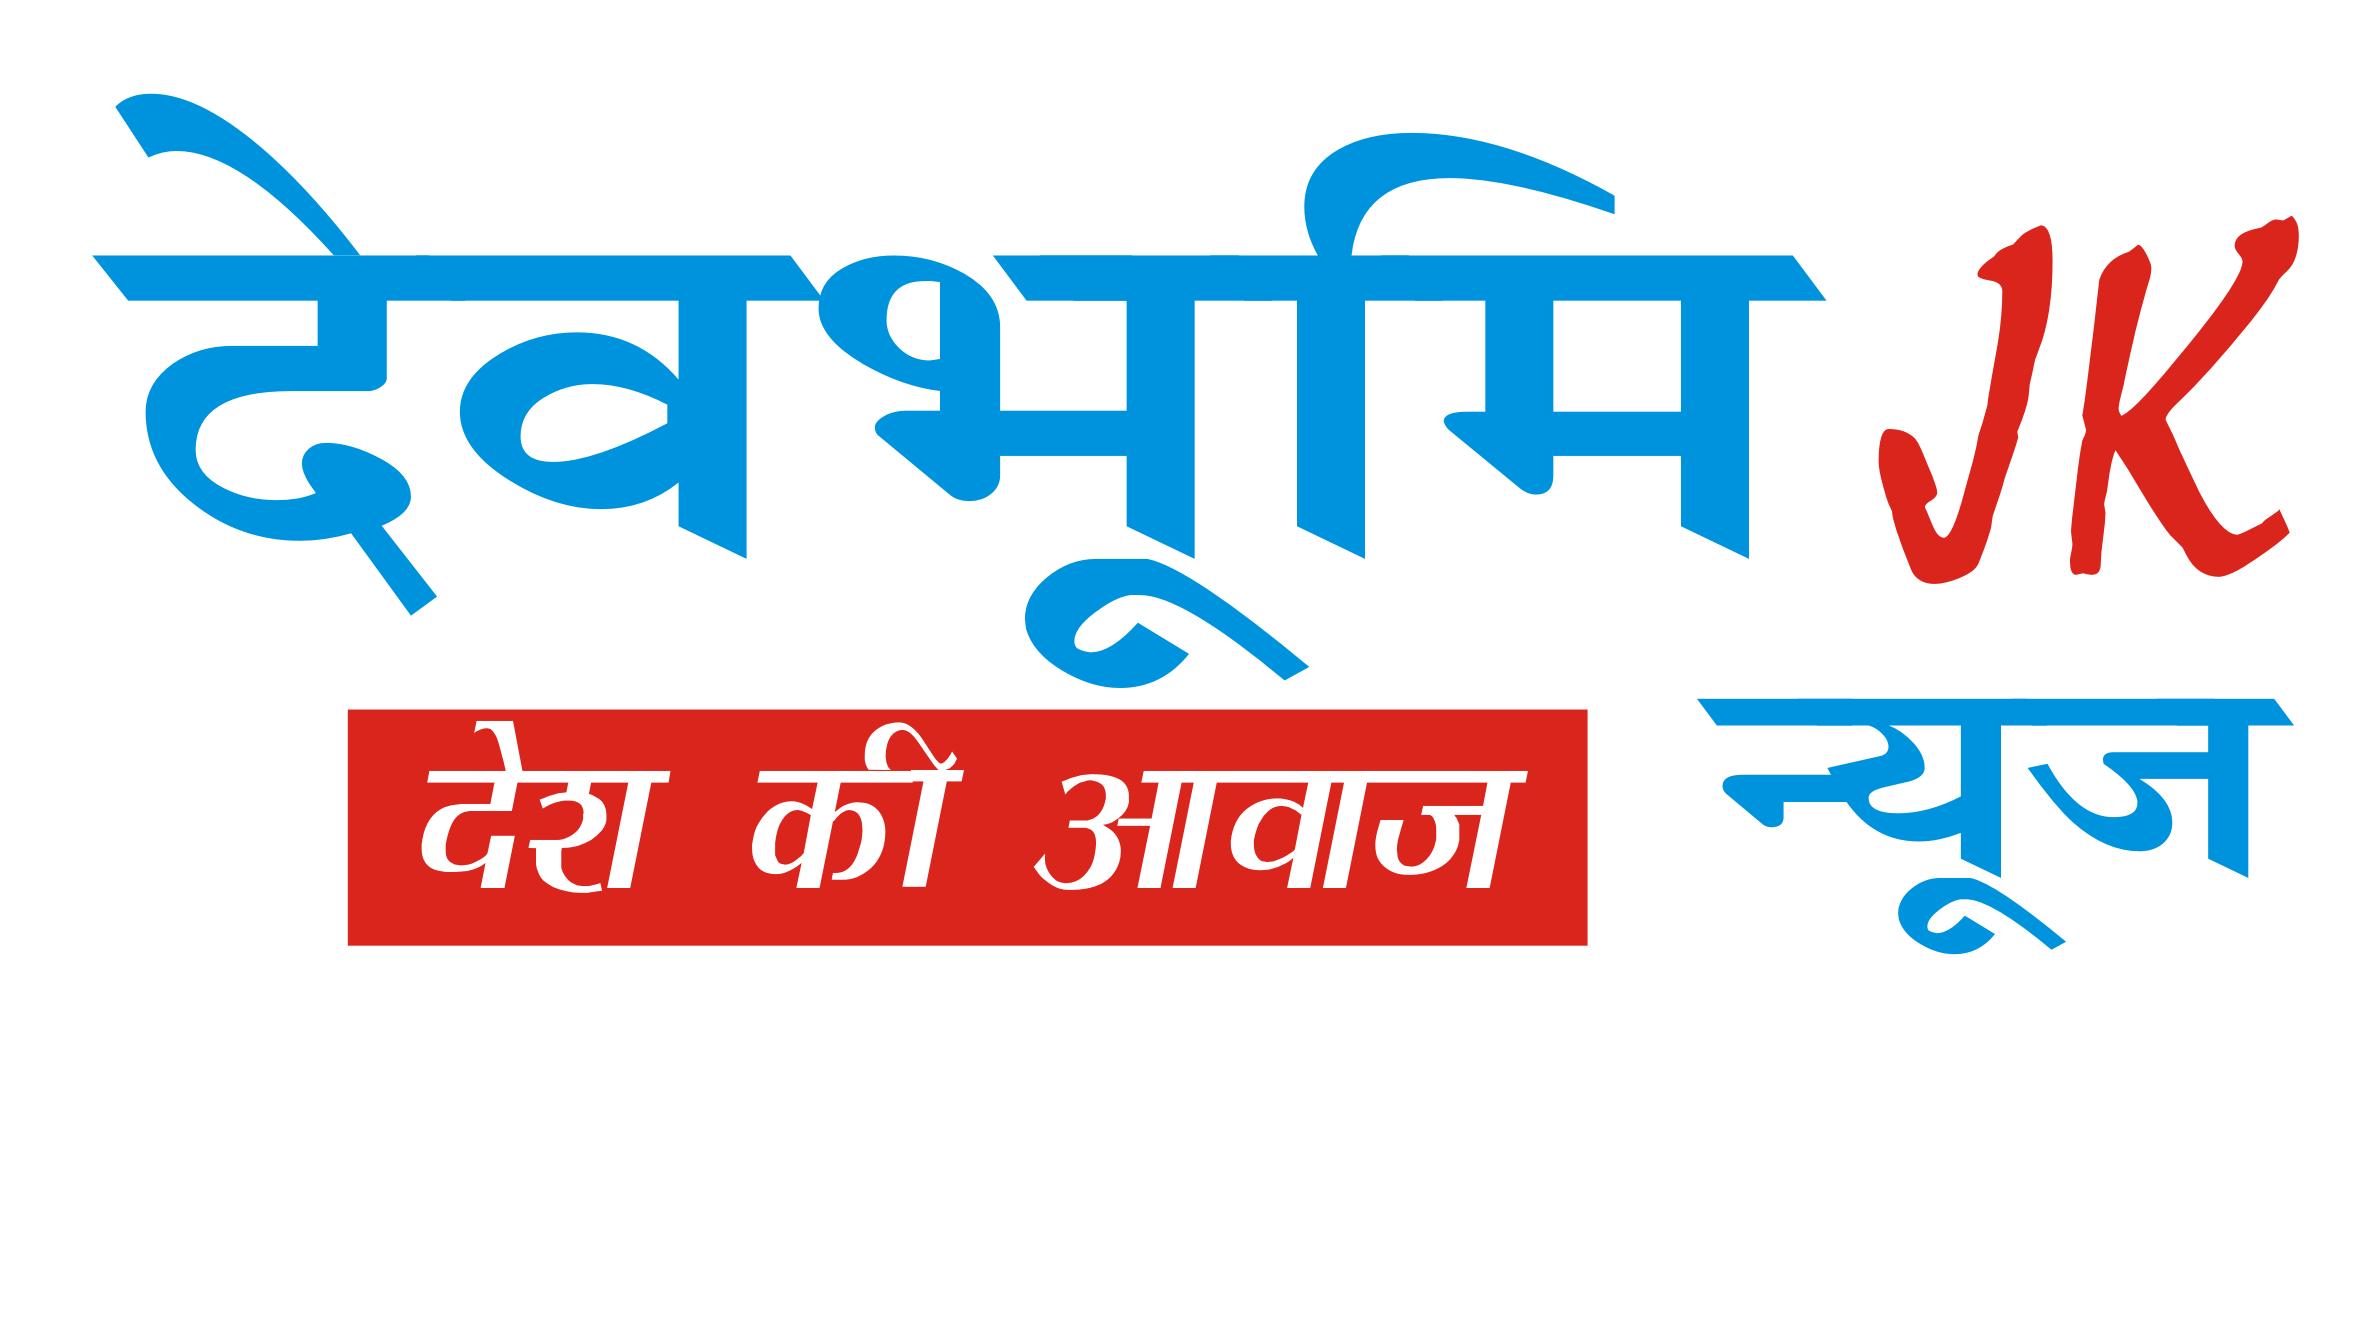 Devbhumi JK News